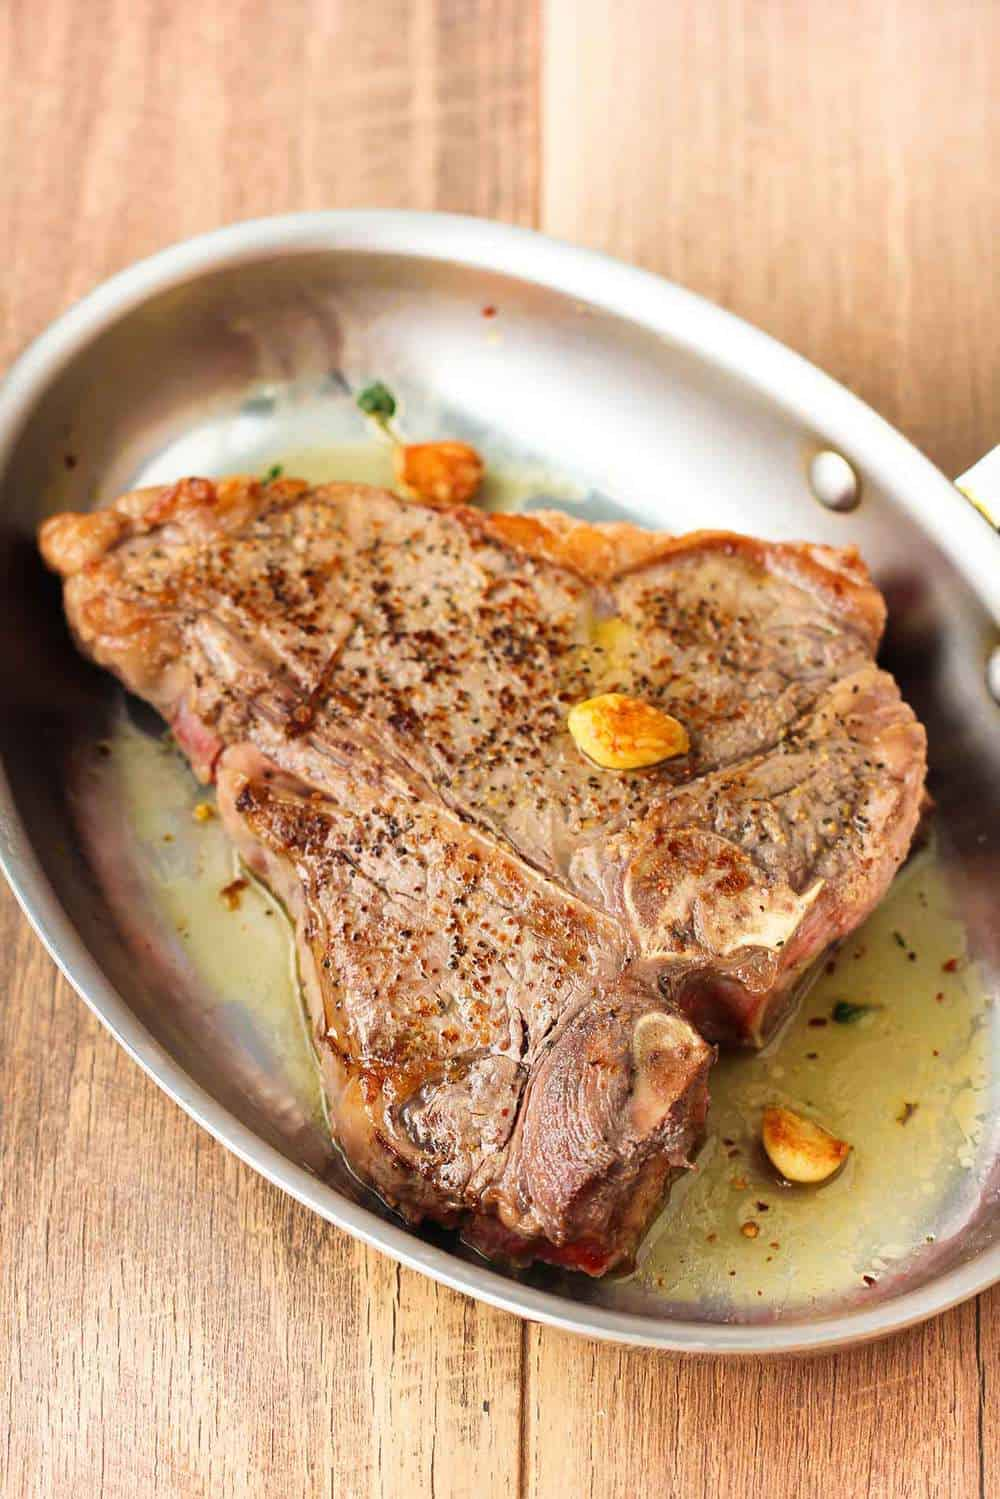 Seared Steak Pizzaiola recipe